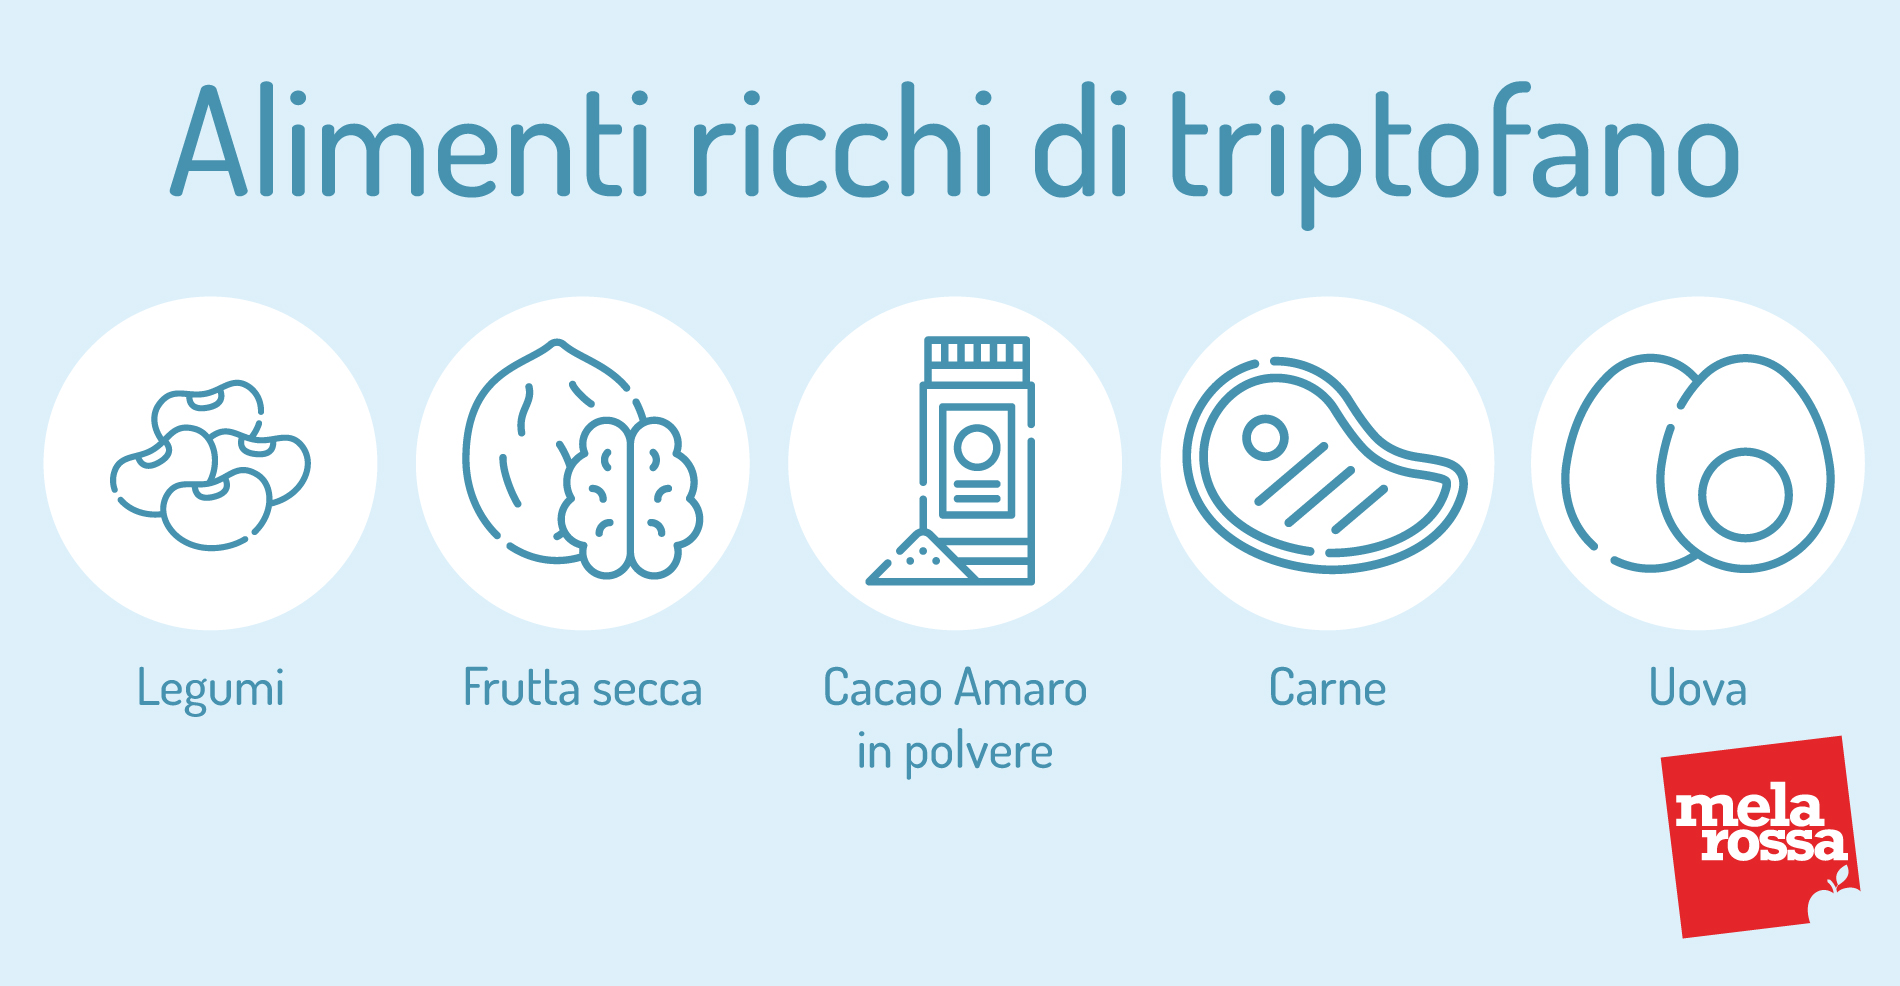 Sindrome di Tourette: alimenti ricchi di triptofano